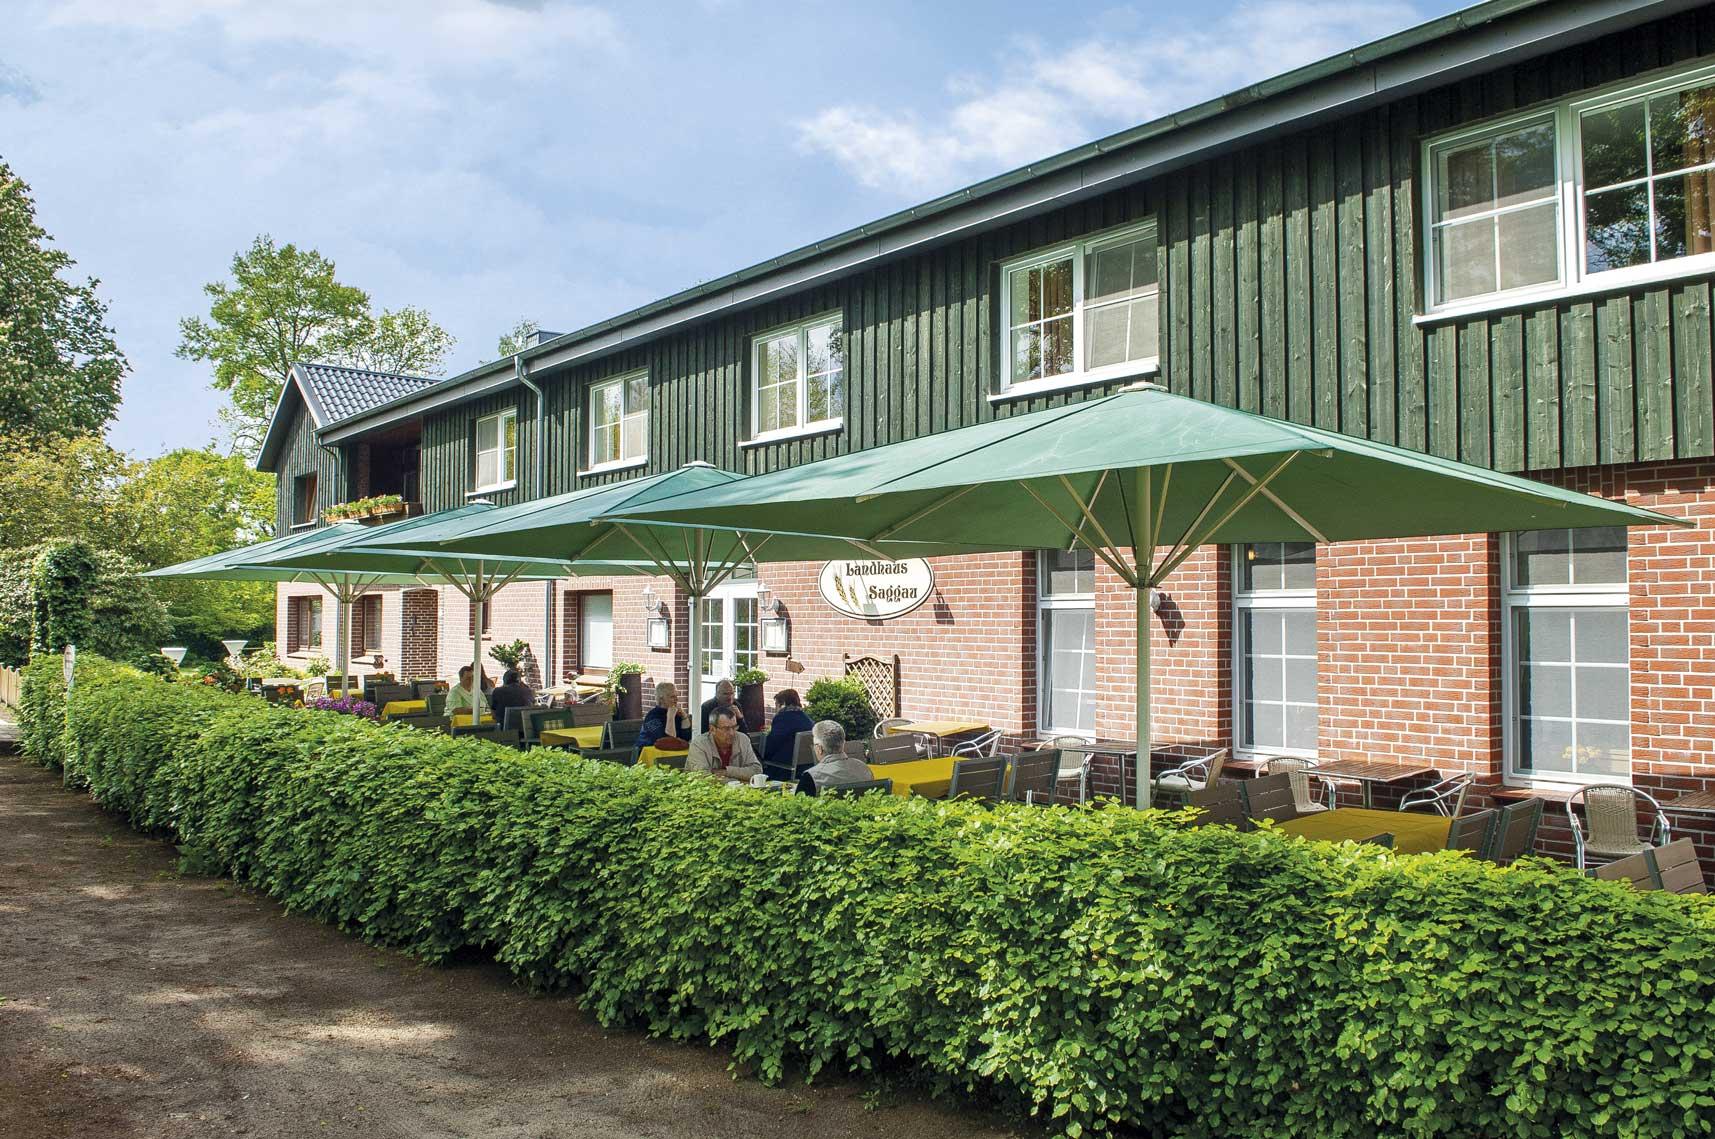 Ihr Hofcafe in Ellerau und Quickborn  Landhaus Saggau